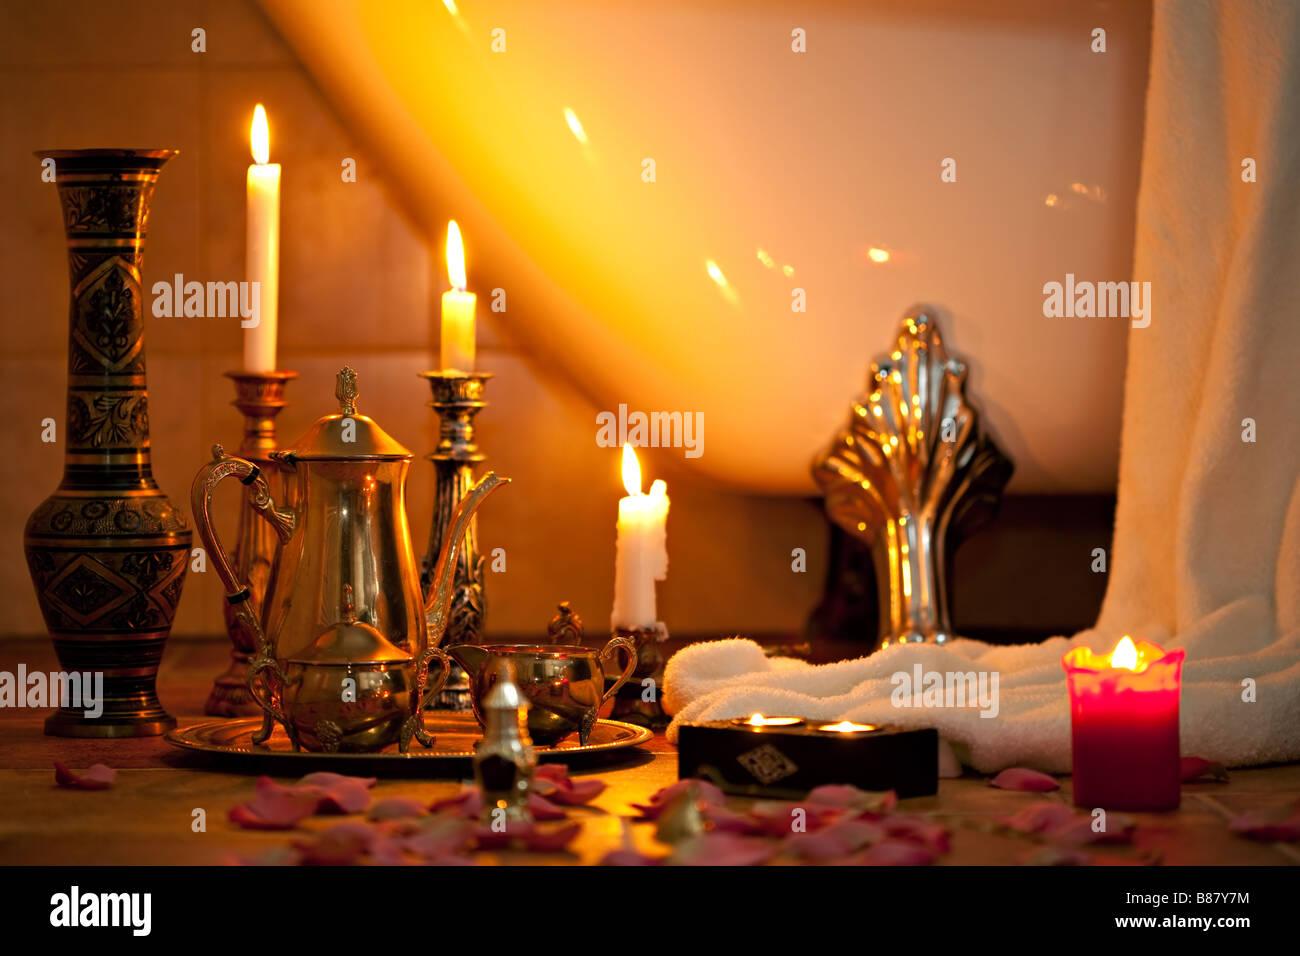 Bodegón con velas en el cuarto de baño de estilo retro Imagen De Stock